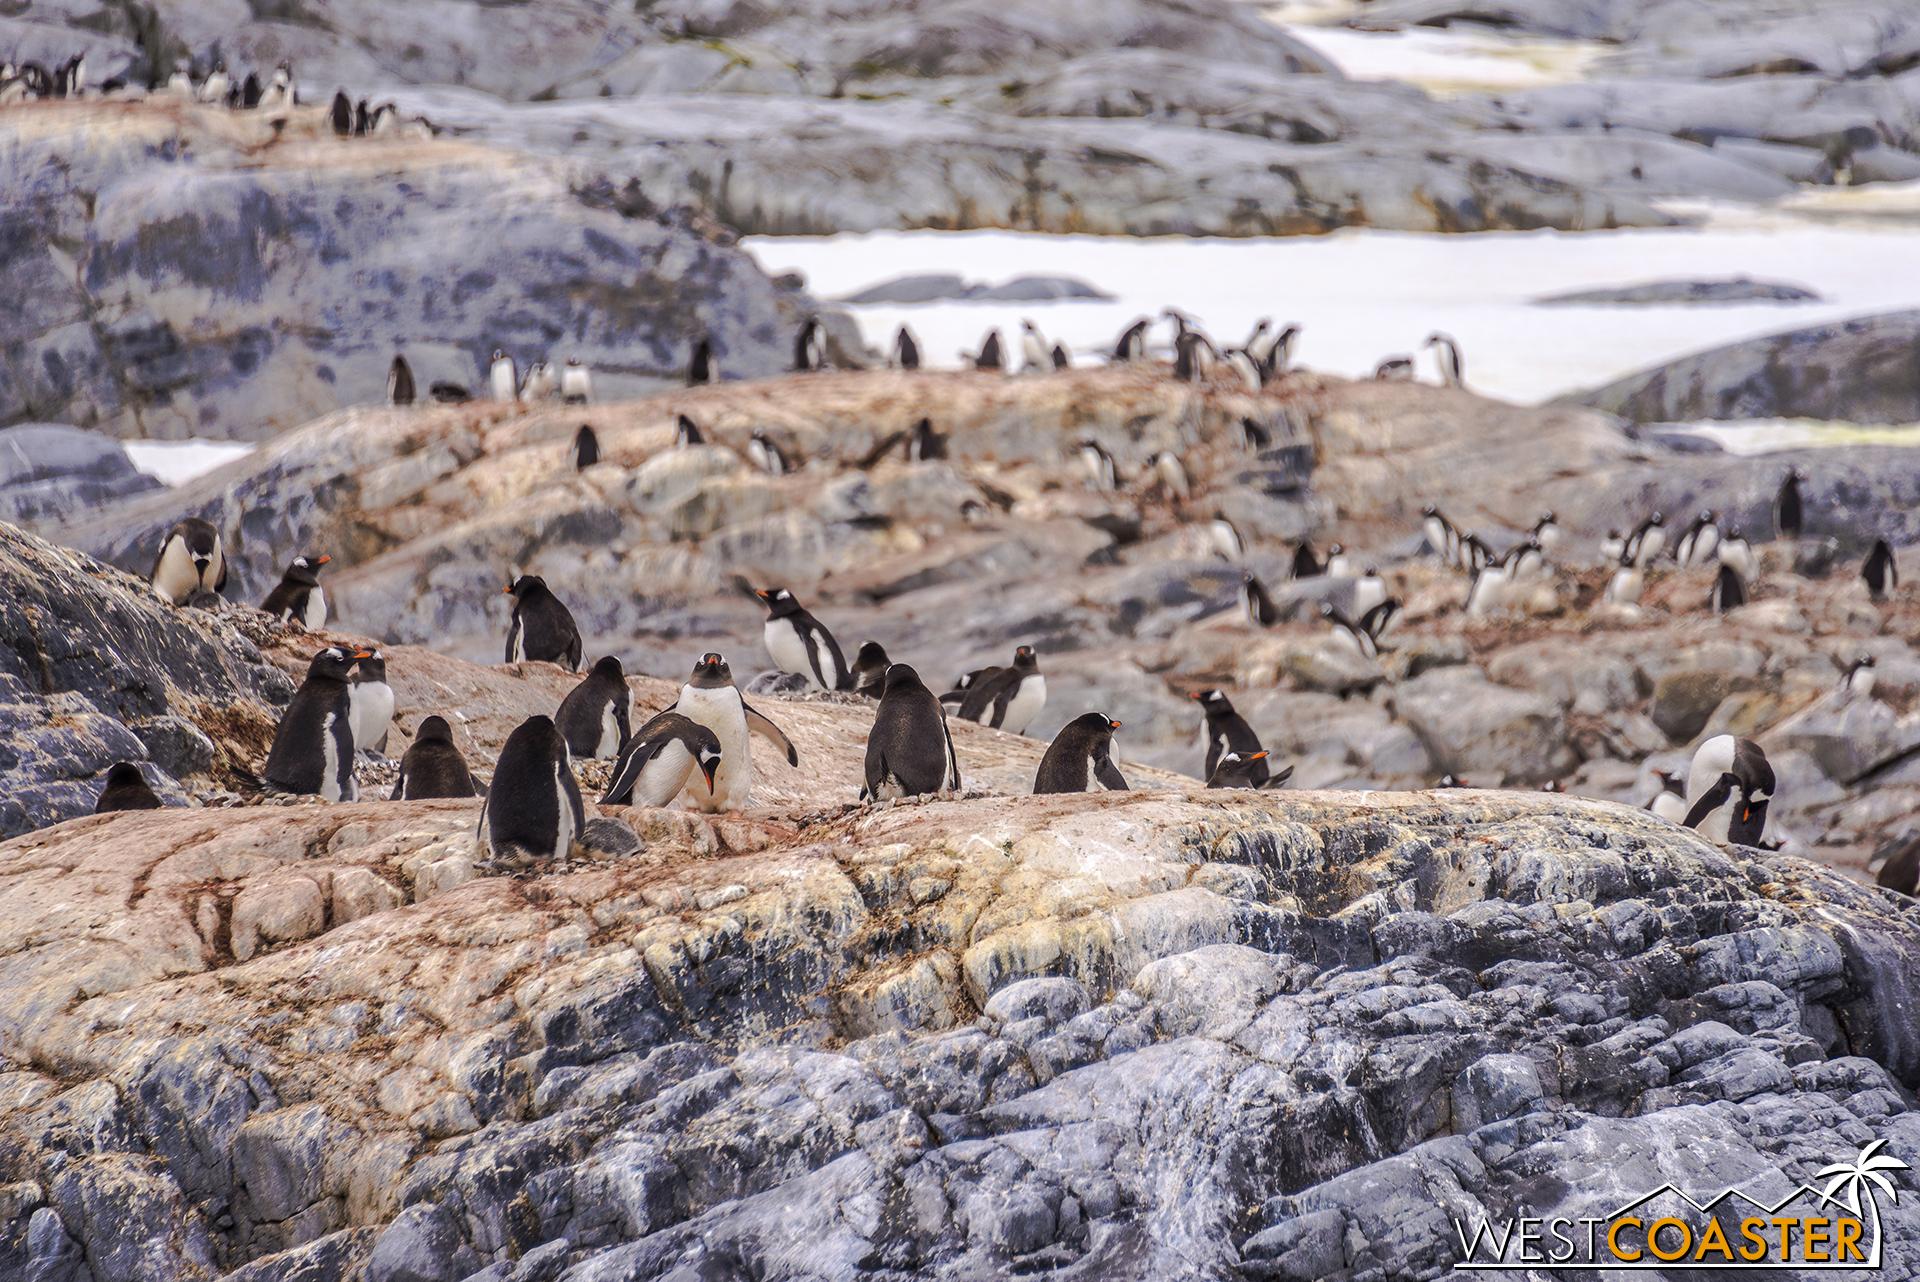 So many penguins...